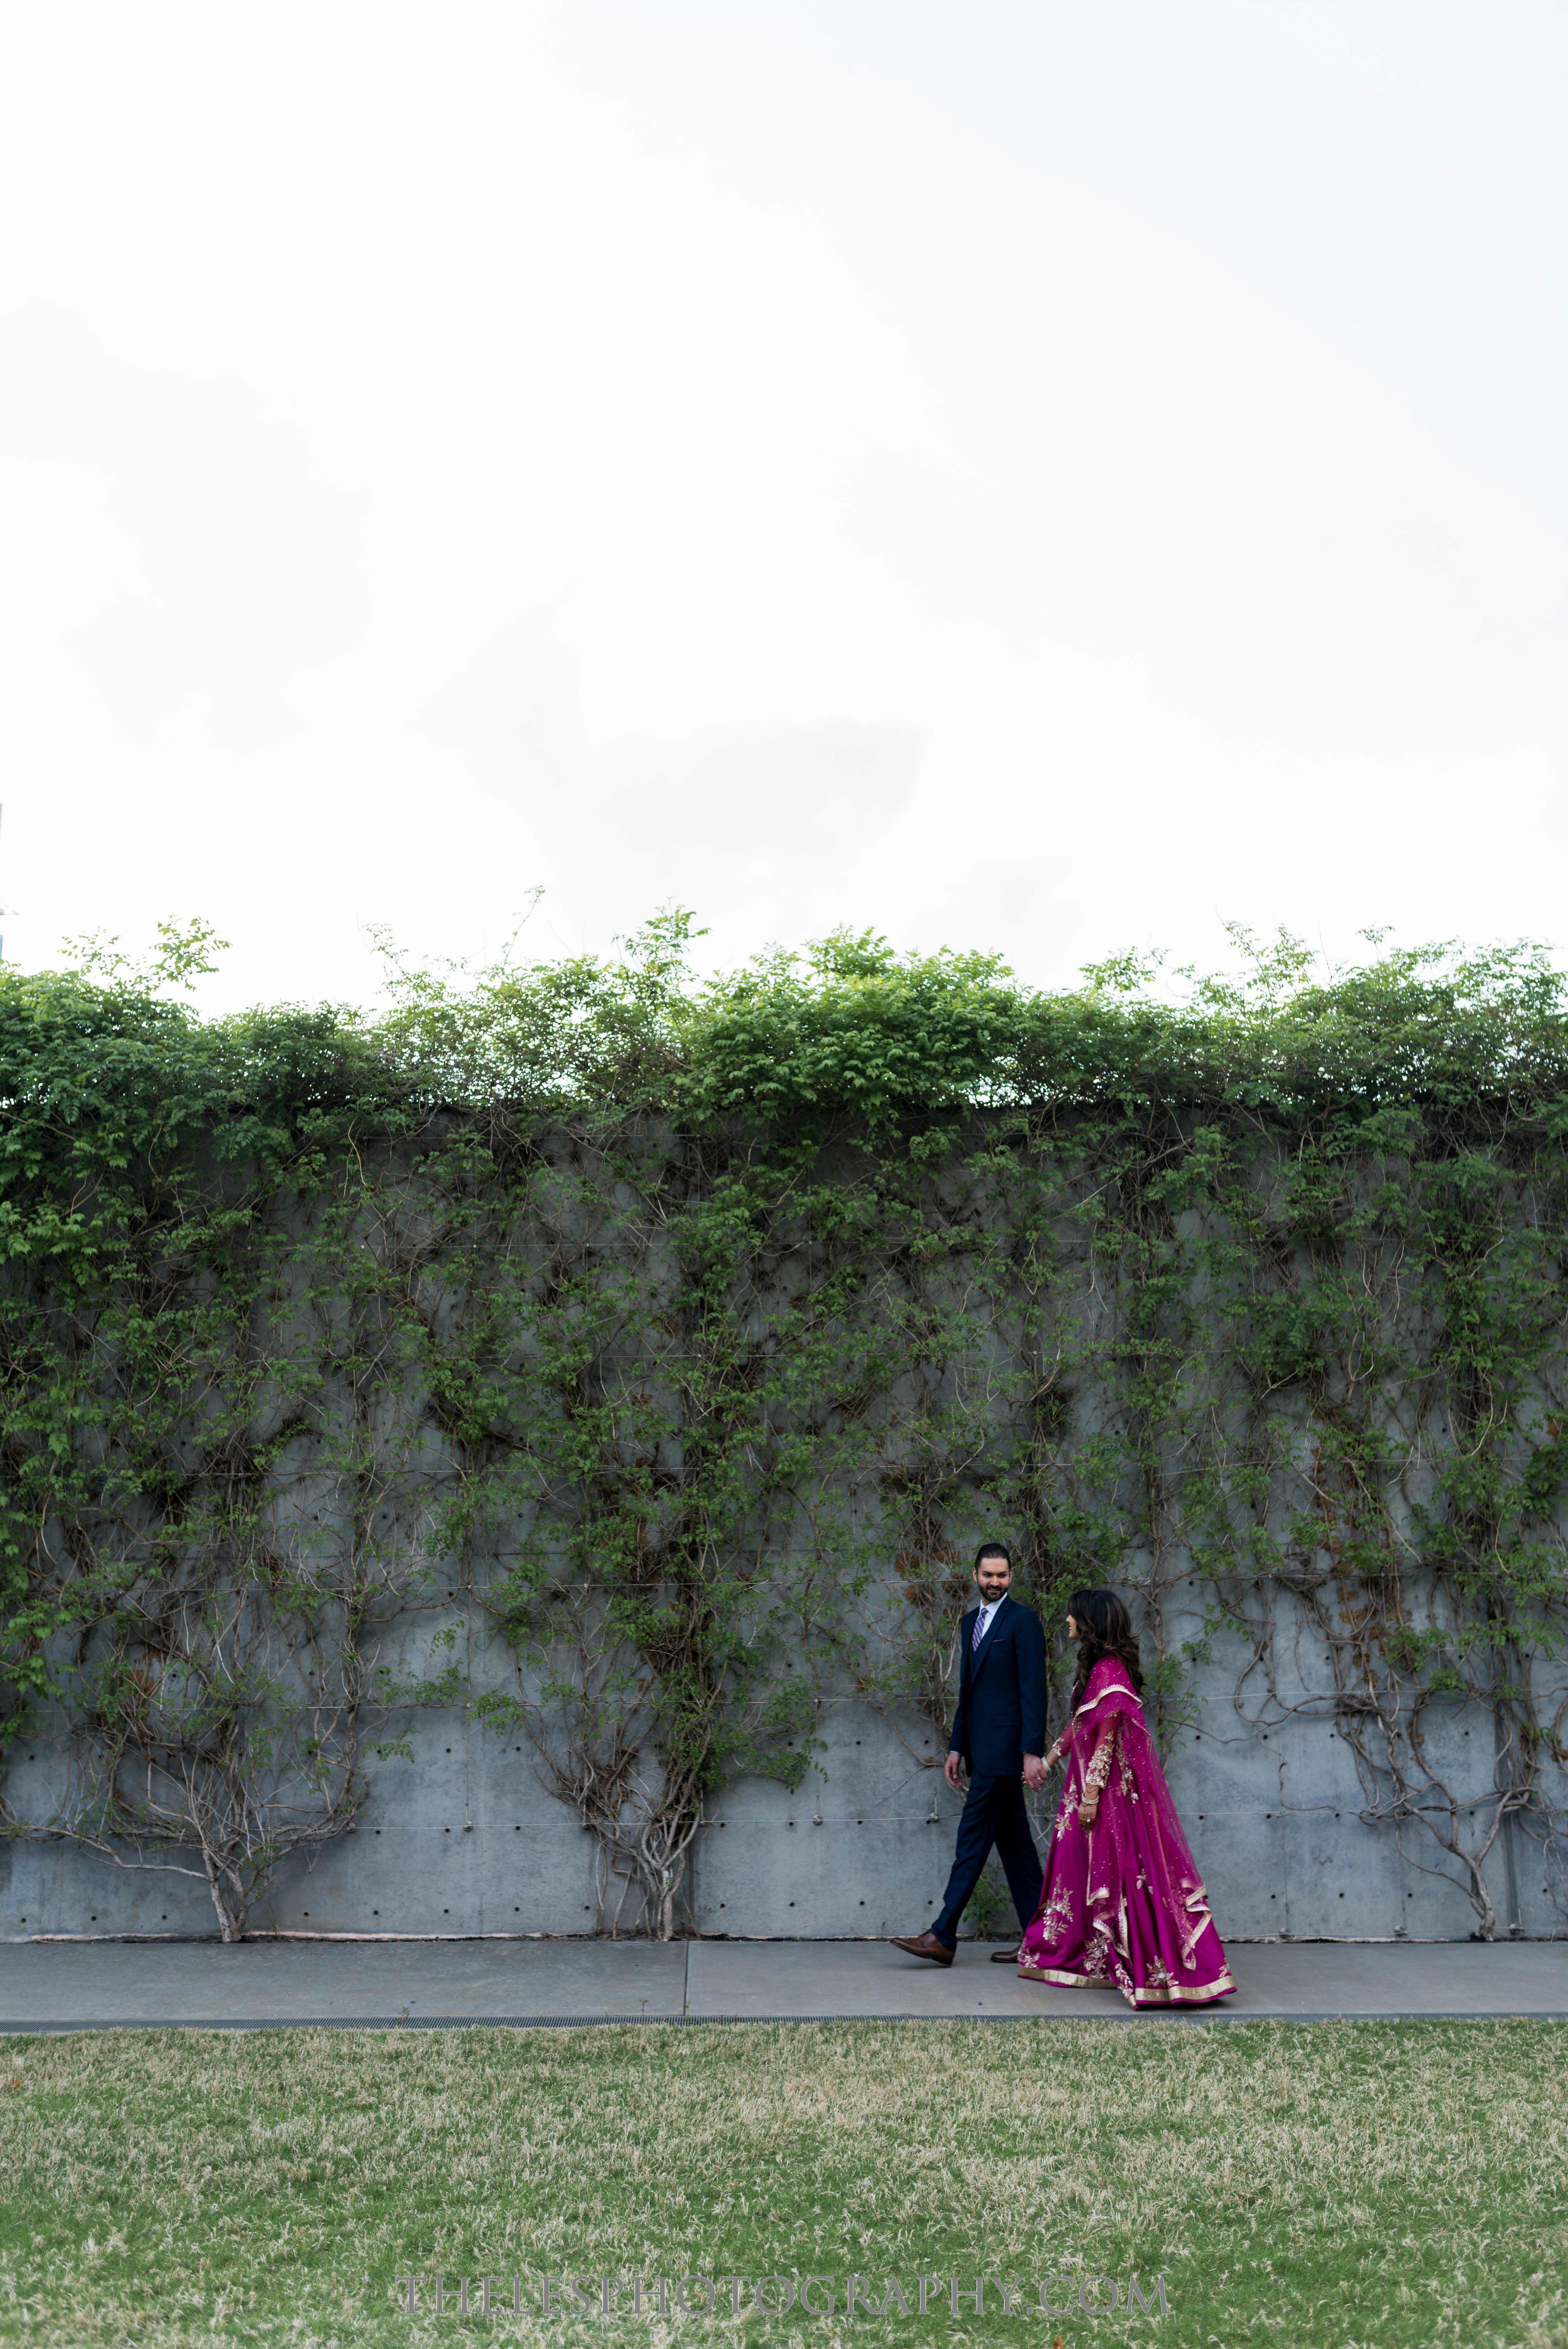 The Les Photography - Punjabi Wedding - Sikh Indian Wedding - Dallas Wedding Photographer 55